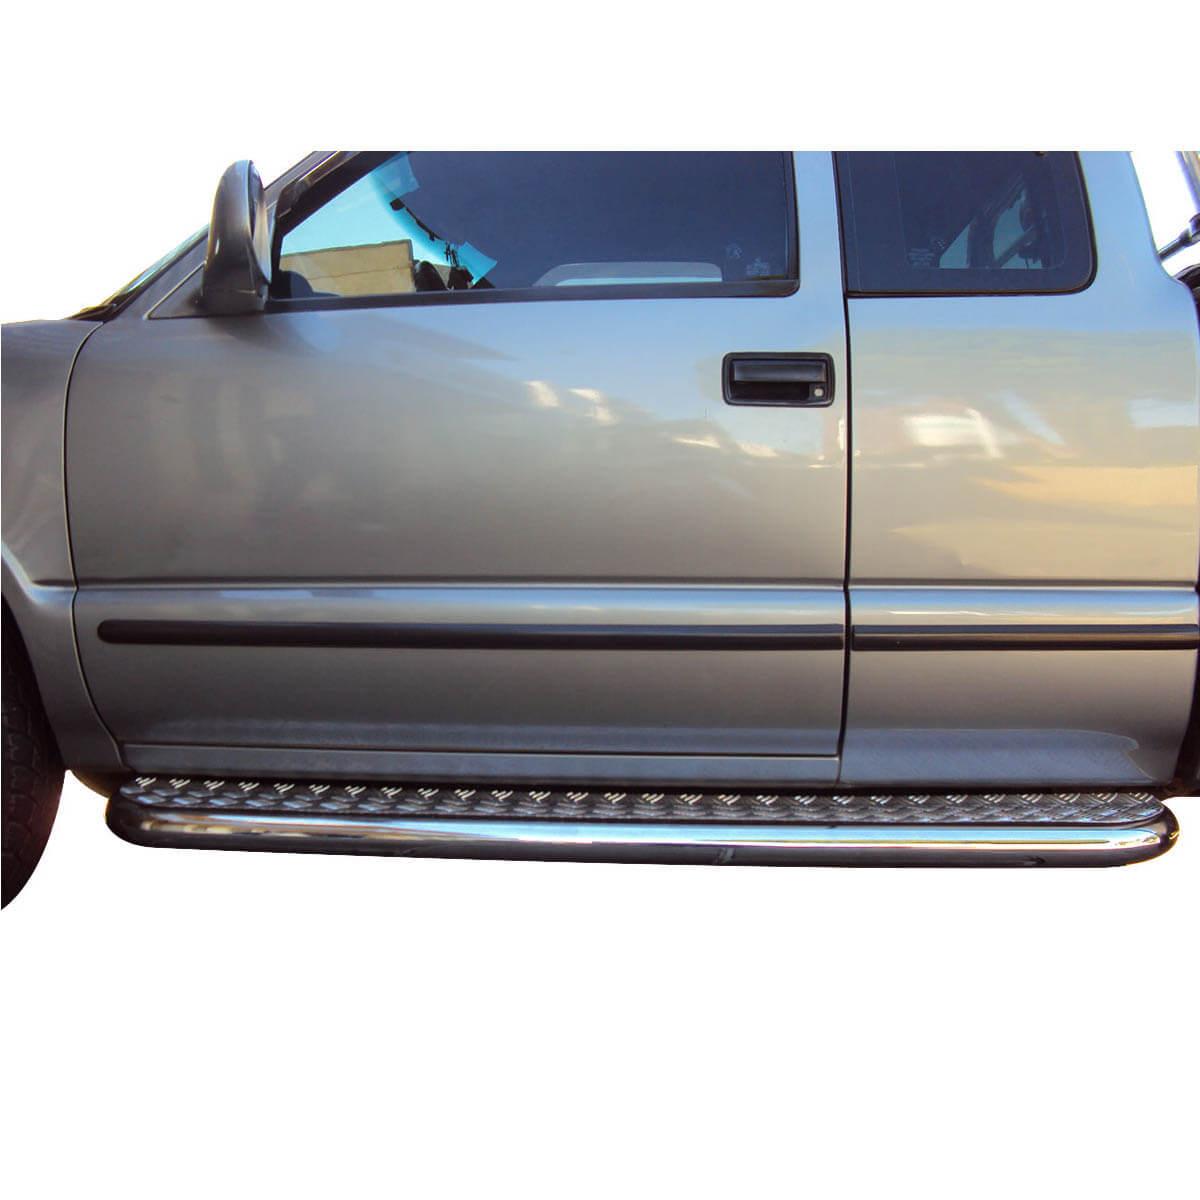 Estribo plataforma cromado Blazer 1996 a 2011